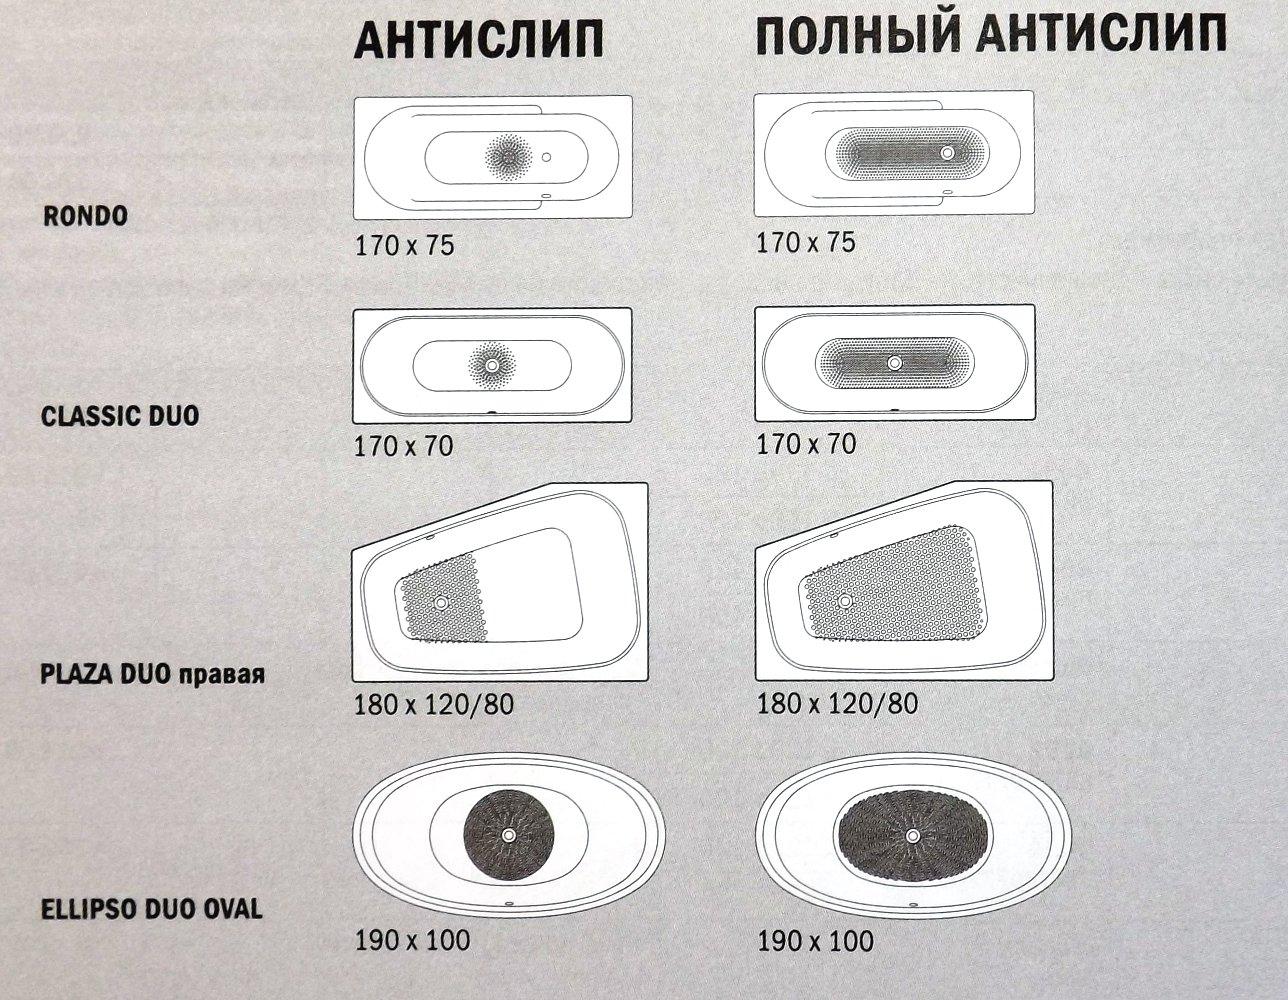 Варианты противоскользящих покрытий для стальных эмалированных ванн Kaldewei в 2014 году